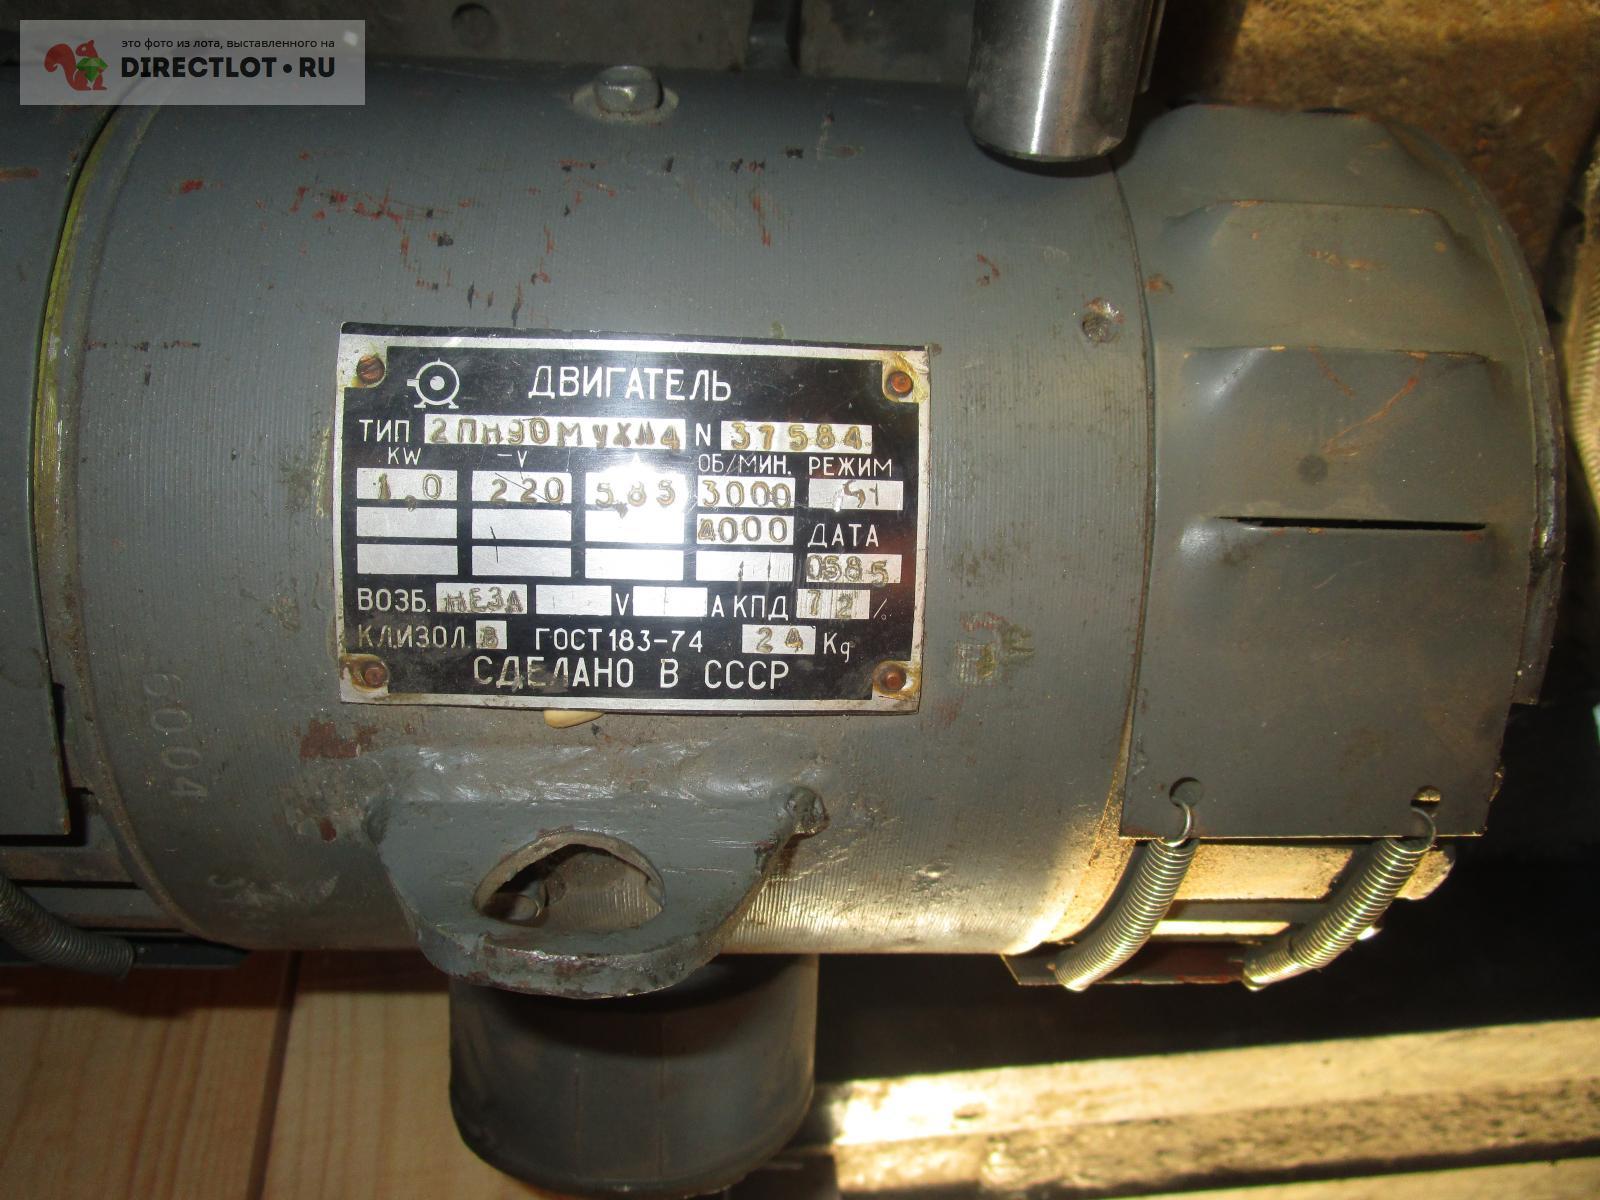 Двигатель ухл4 схема подключения